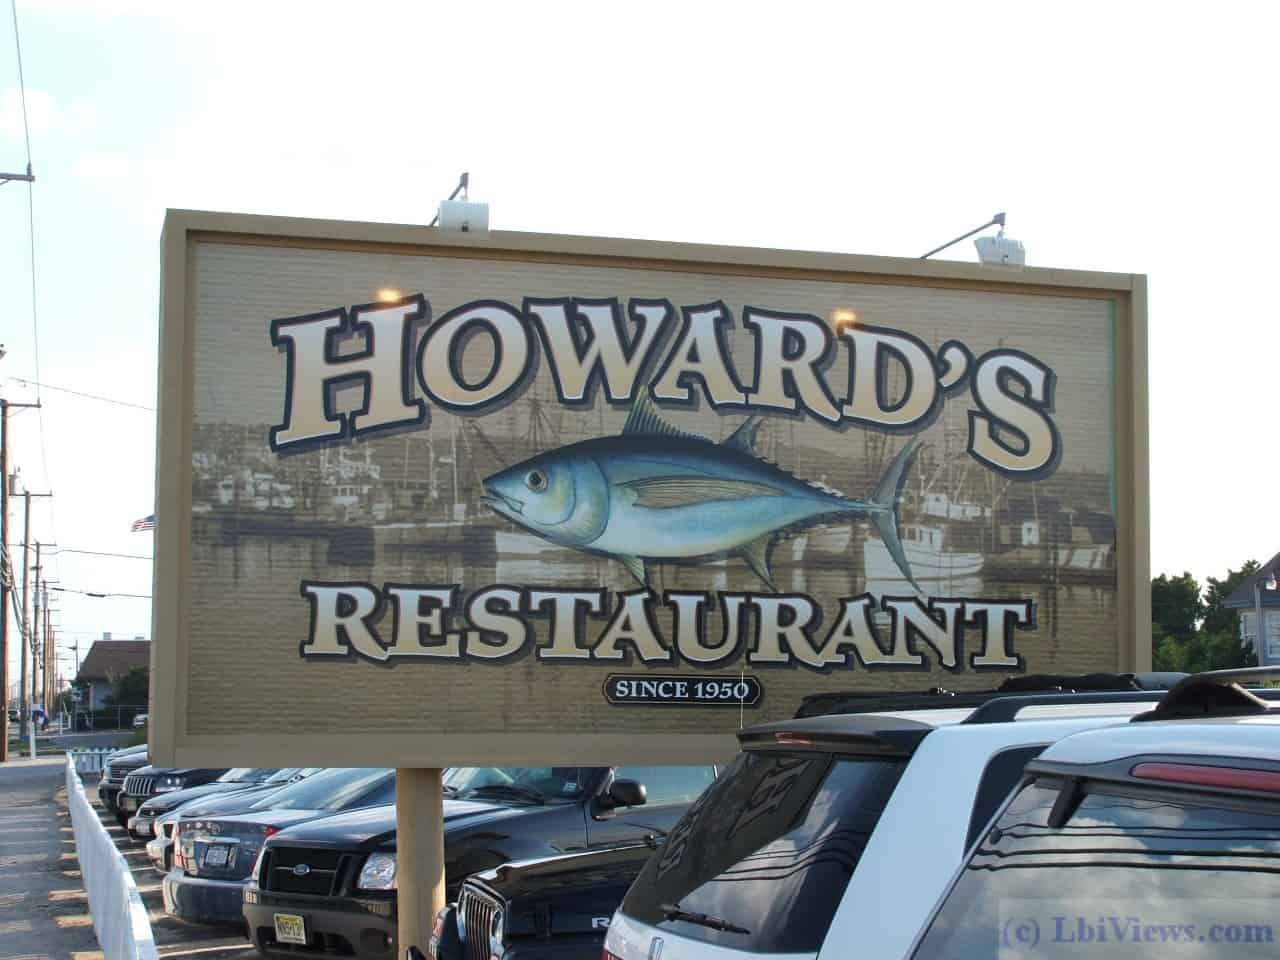 Wards Island Restaurant